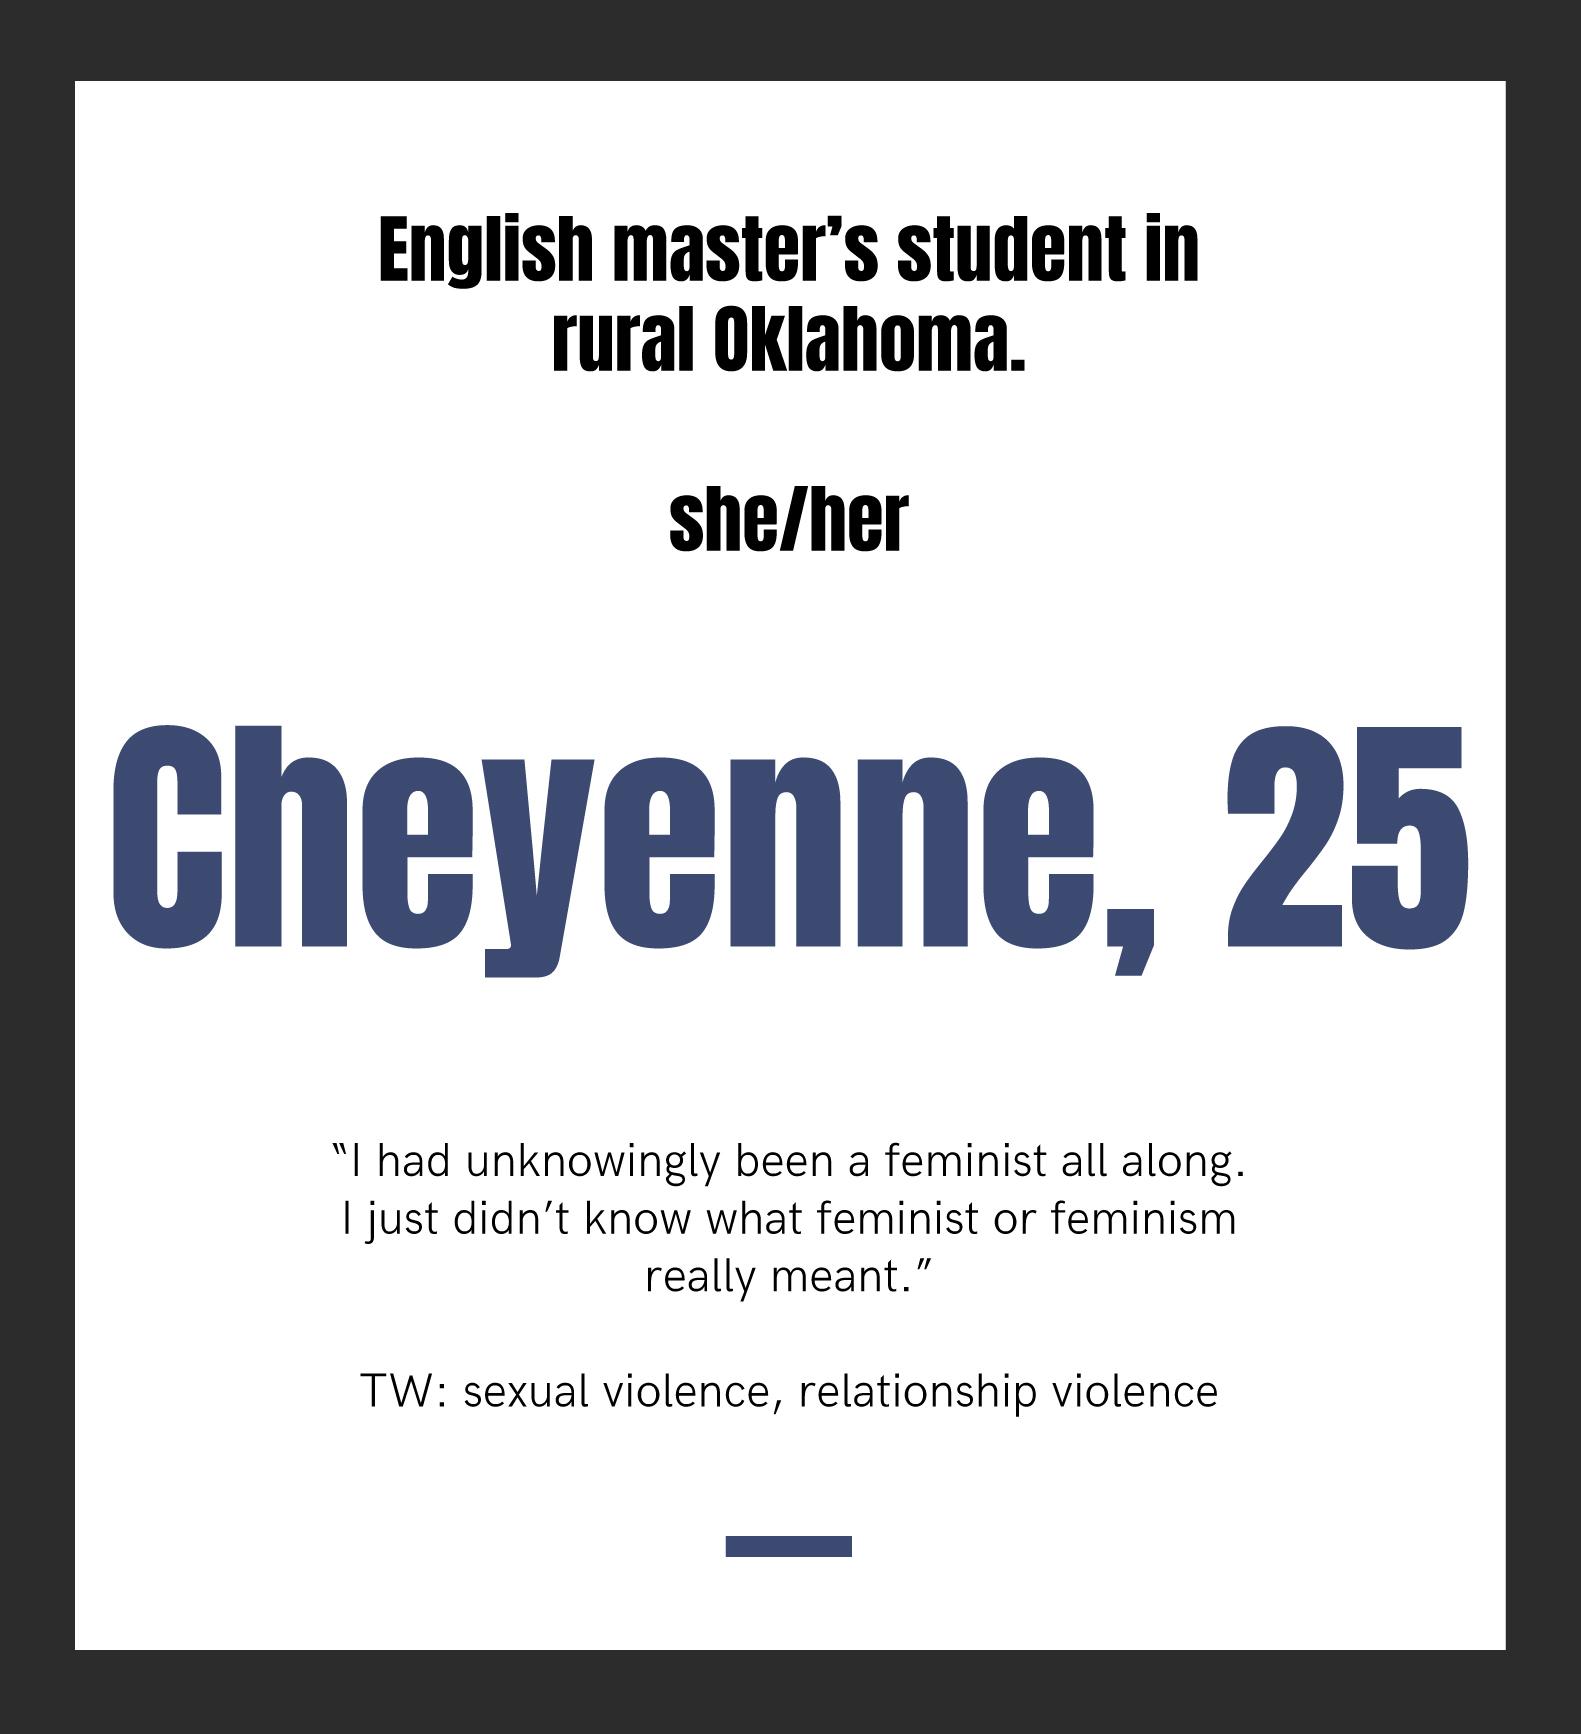 Cheyenne, 25